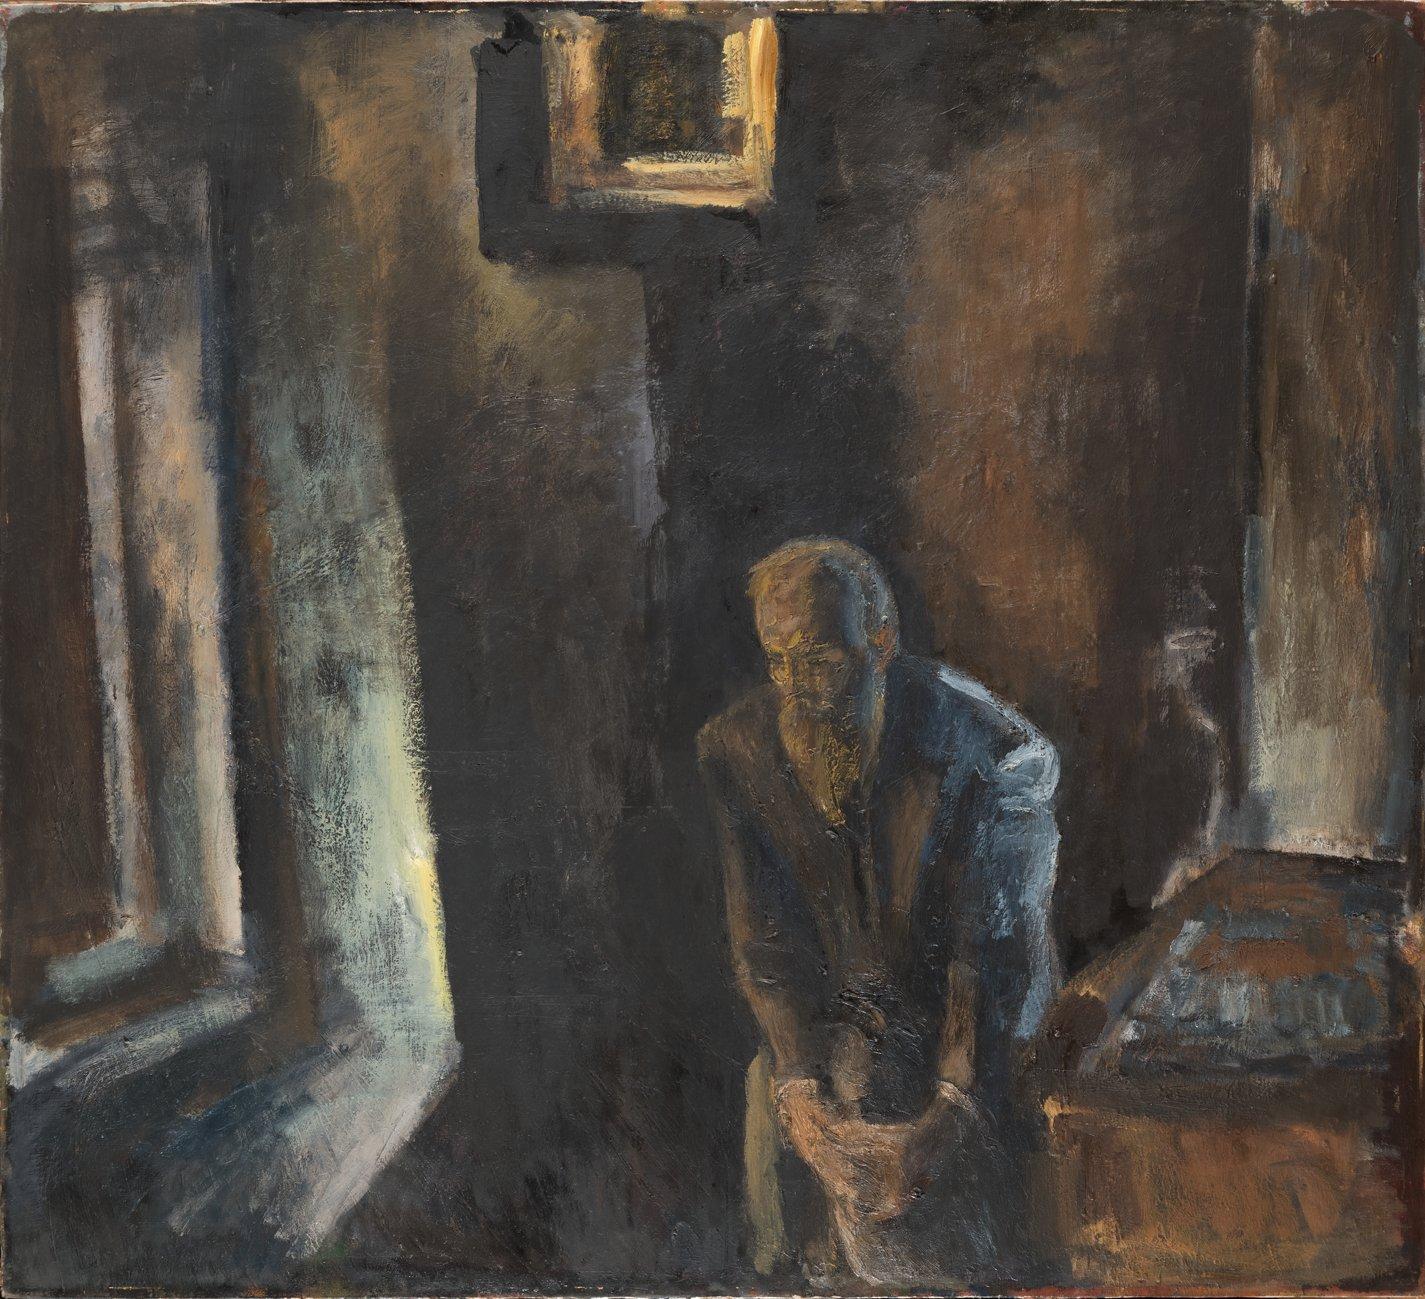 Юрий Павлов. Федор Достоевский. 1978. Холст, масло